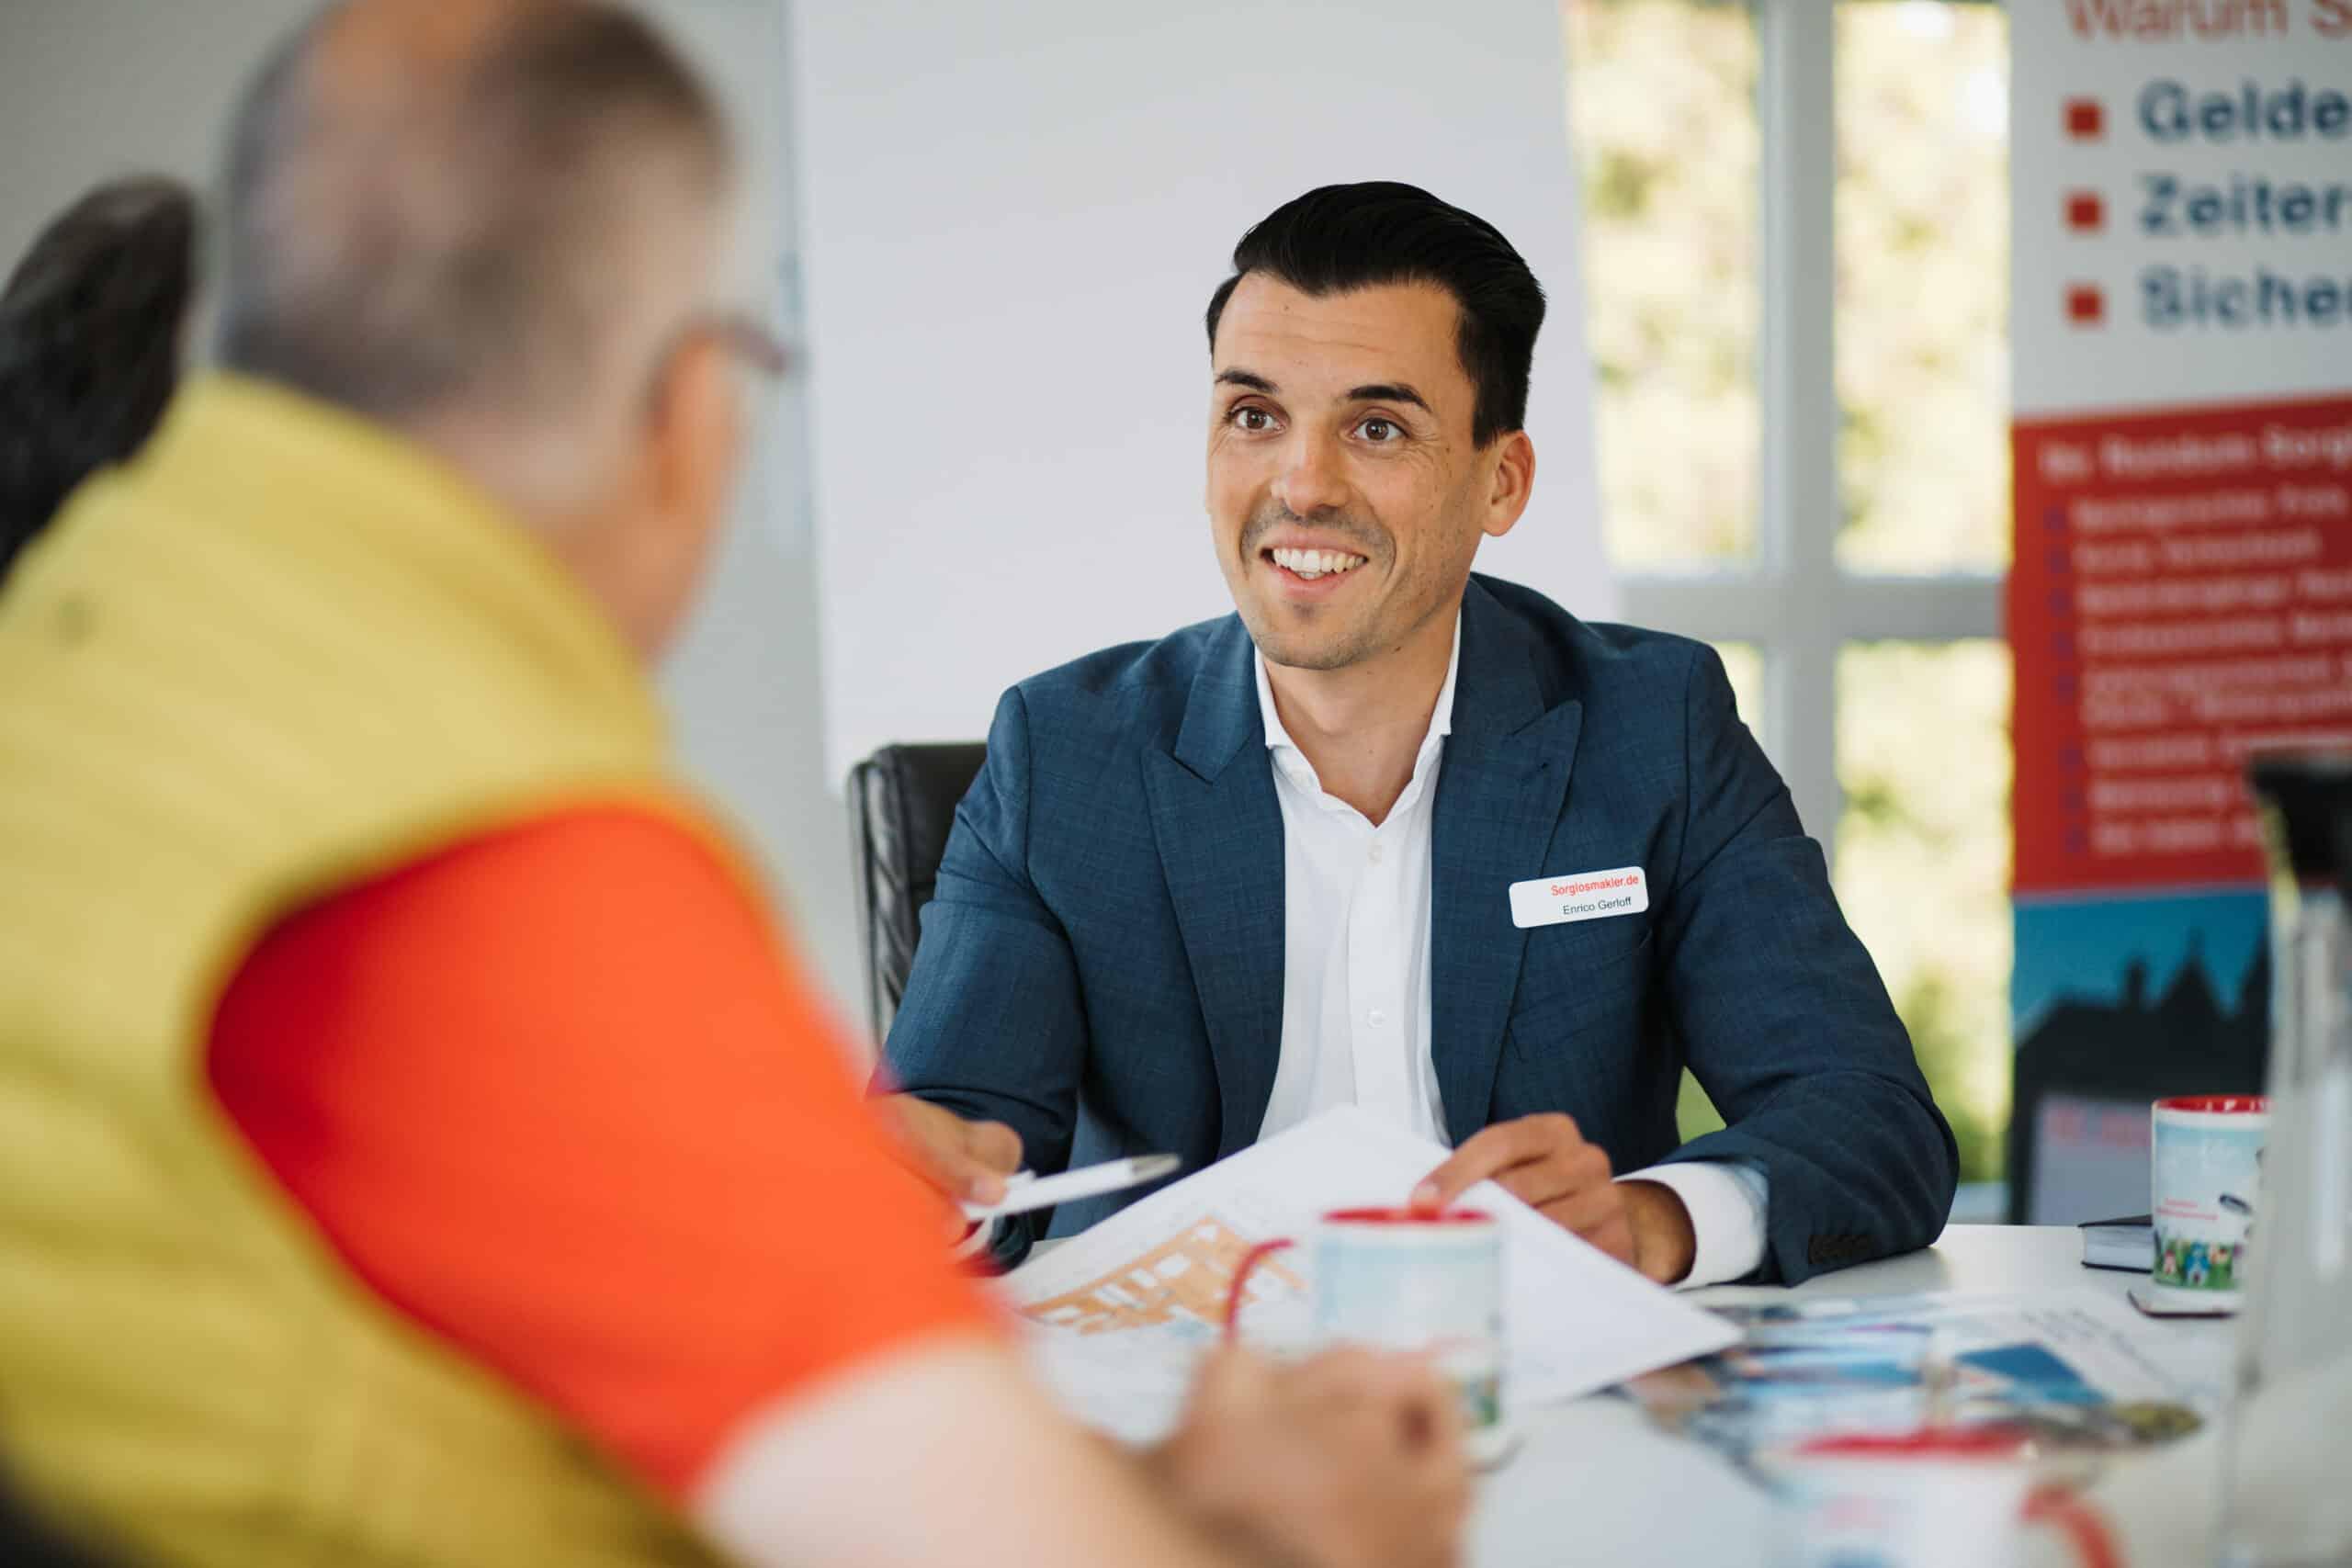 Gespräch-mann-immobilienmarkler